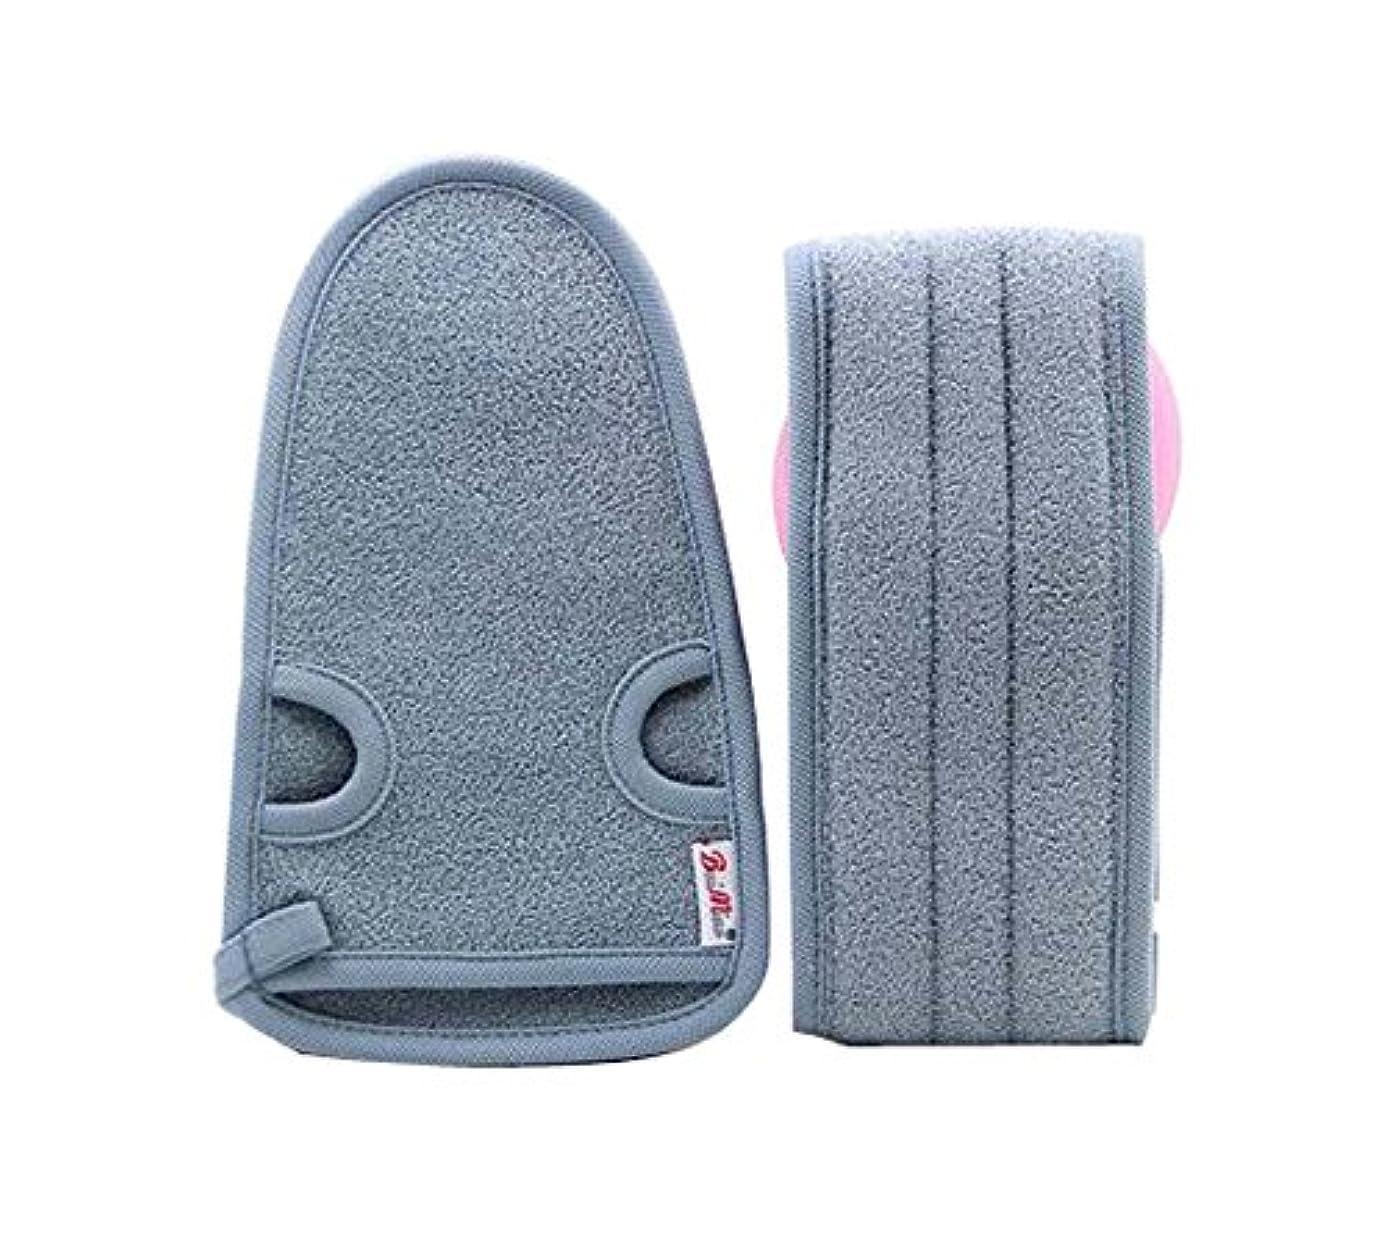 男性のための実用的な柔らかい浴室の手袋の角質除去、2つの灰色